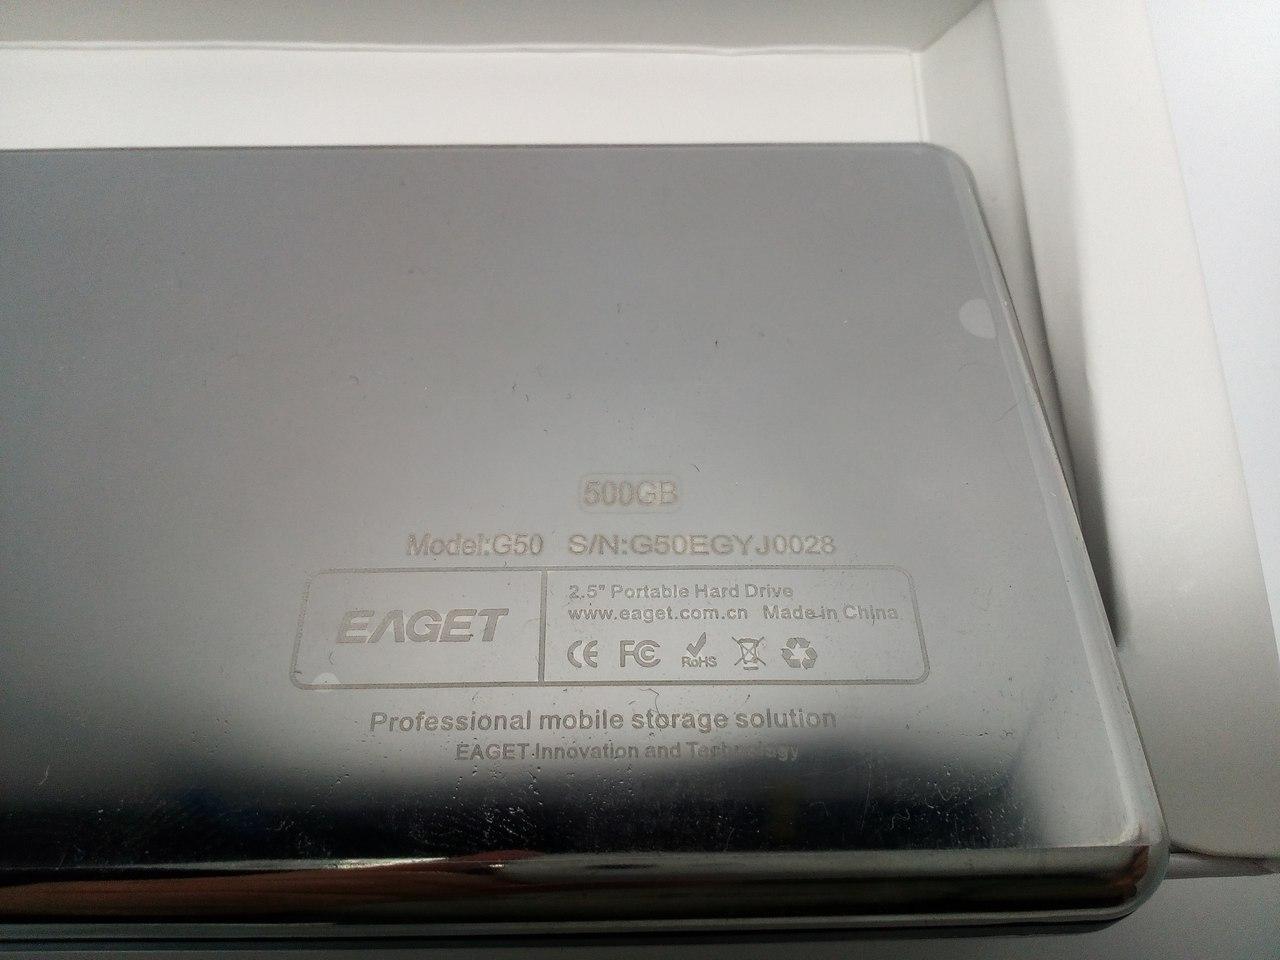 TomTop: Блестящий внешний винчестер EAGET G50